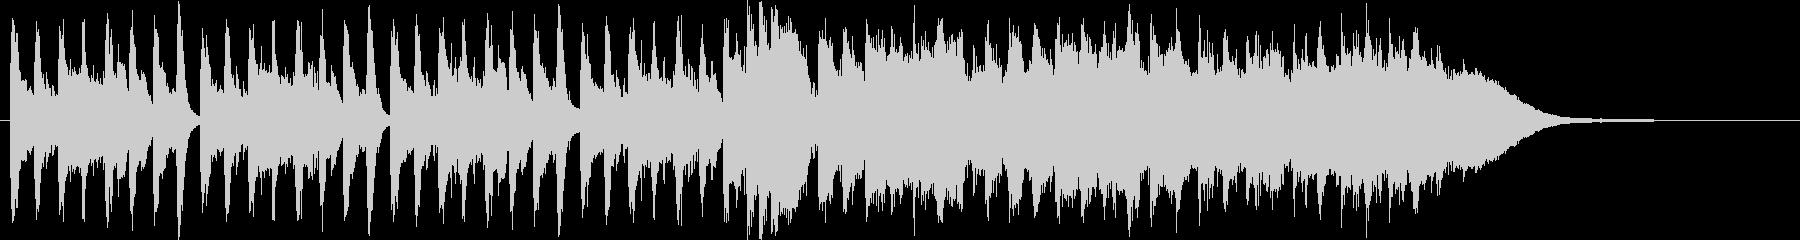 30秒CM用BGM(小編成オーケストラ)の未再生の波形